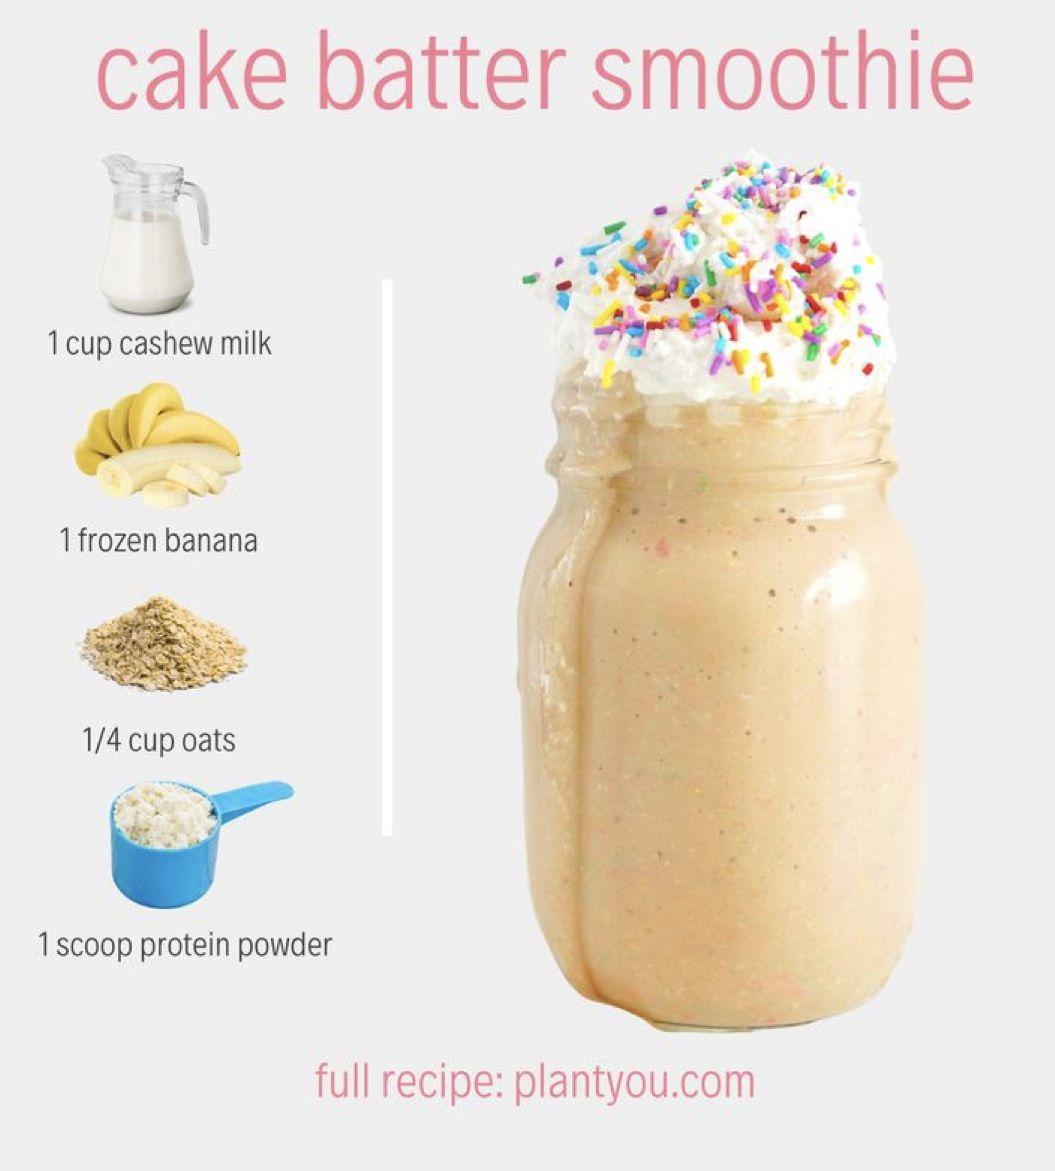 Cake Batter Smoothie Plantyou Com High Protein Smoothie Recipes Protein Smoothie Recipes Easy Smoothie Recipes